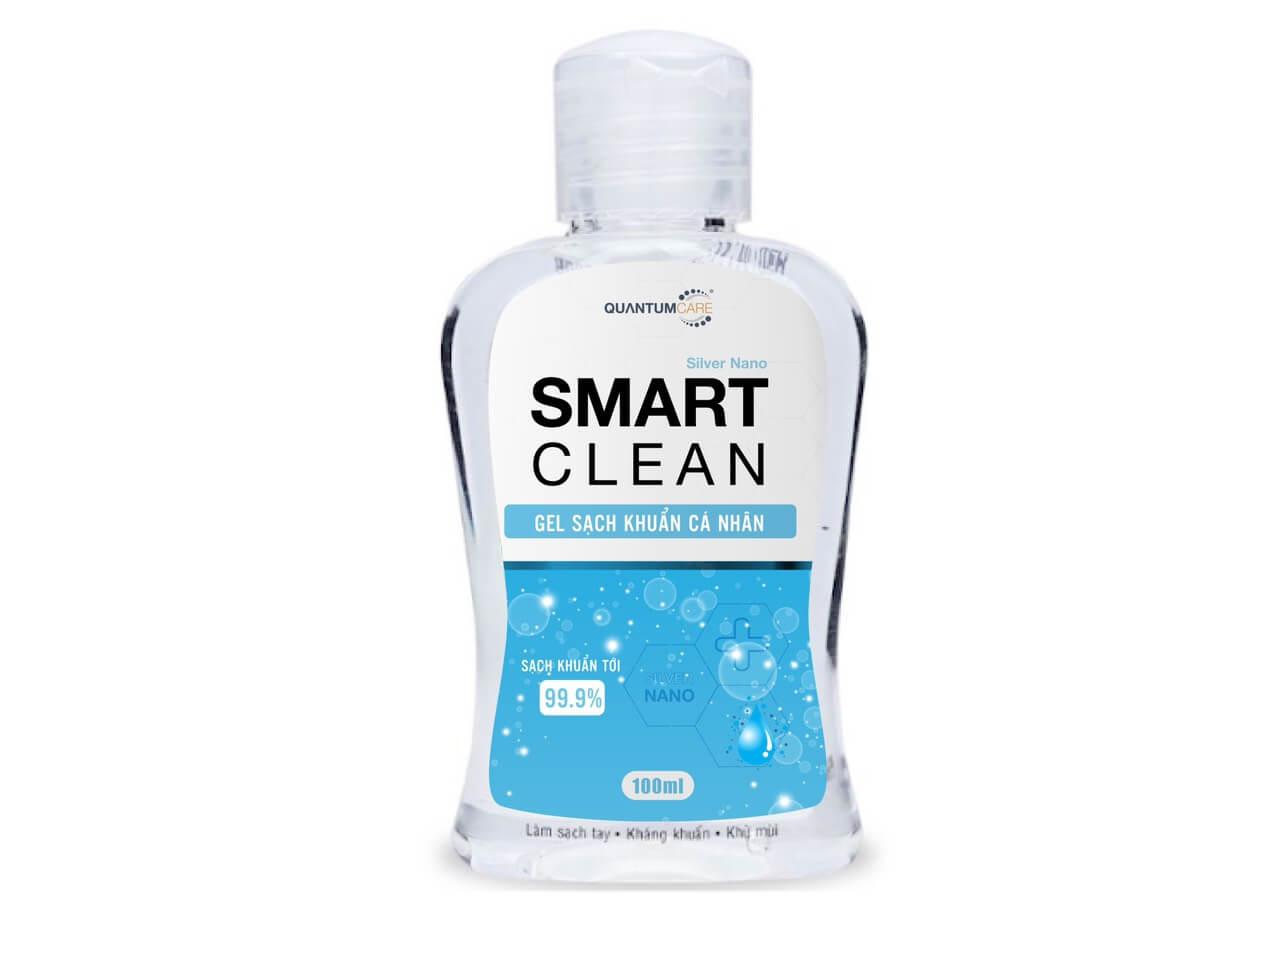 Nhận gia công nước rửa tay khô, gel rửa tay diệt khuẩn Corona